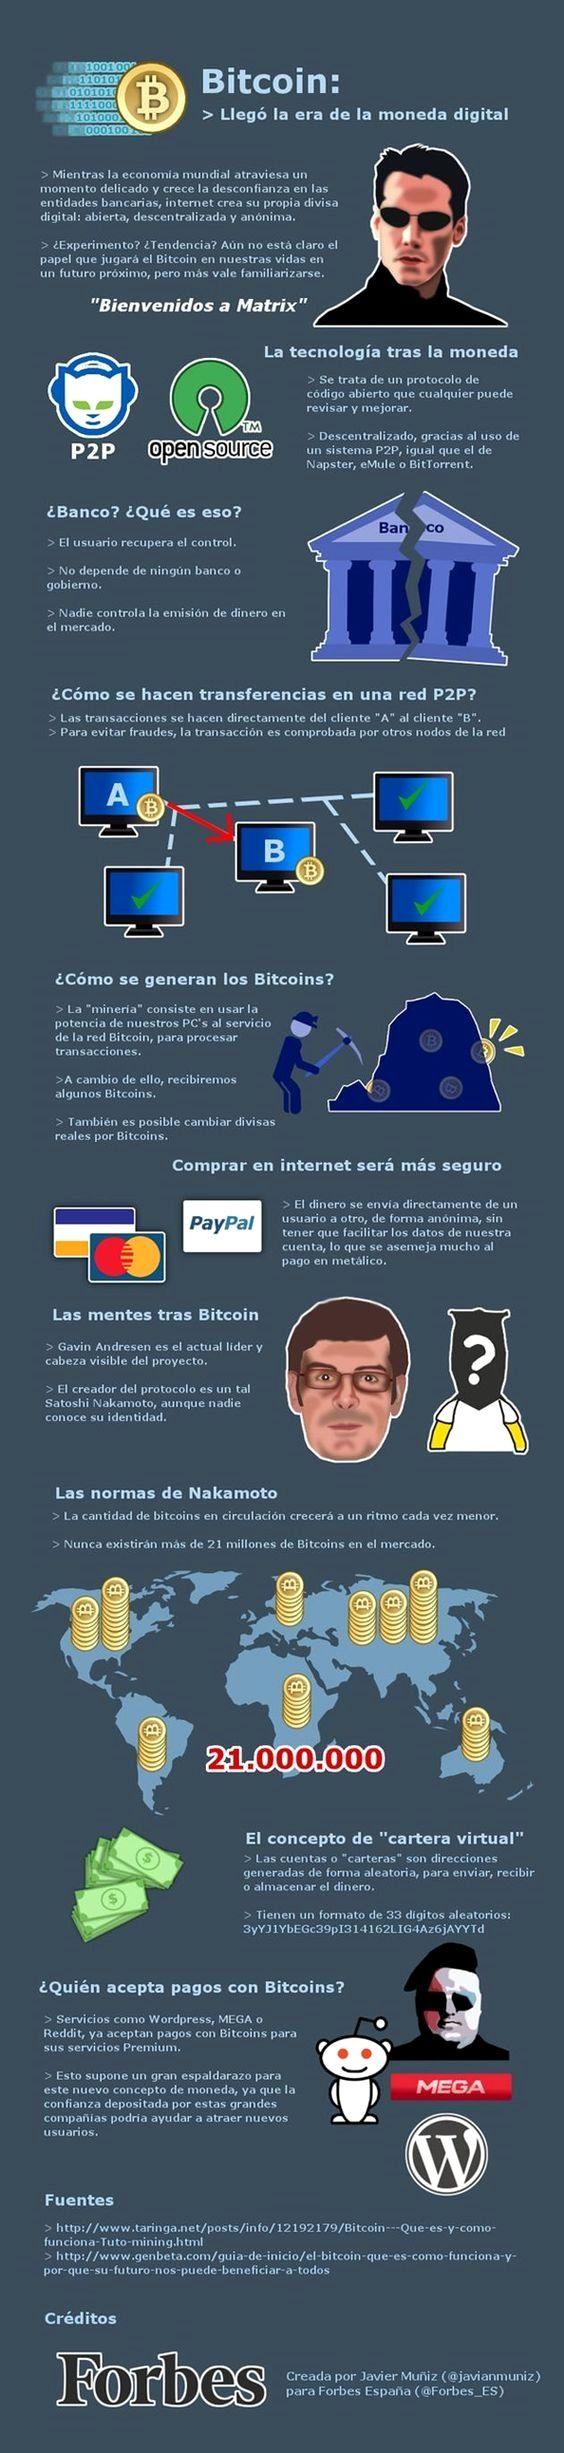 btc laisvės sistema como se hace trading con bitcoin